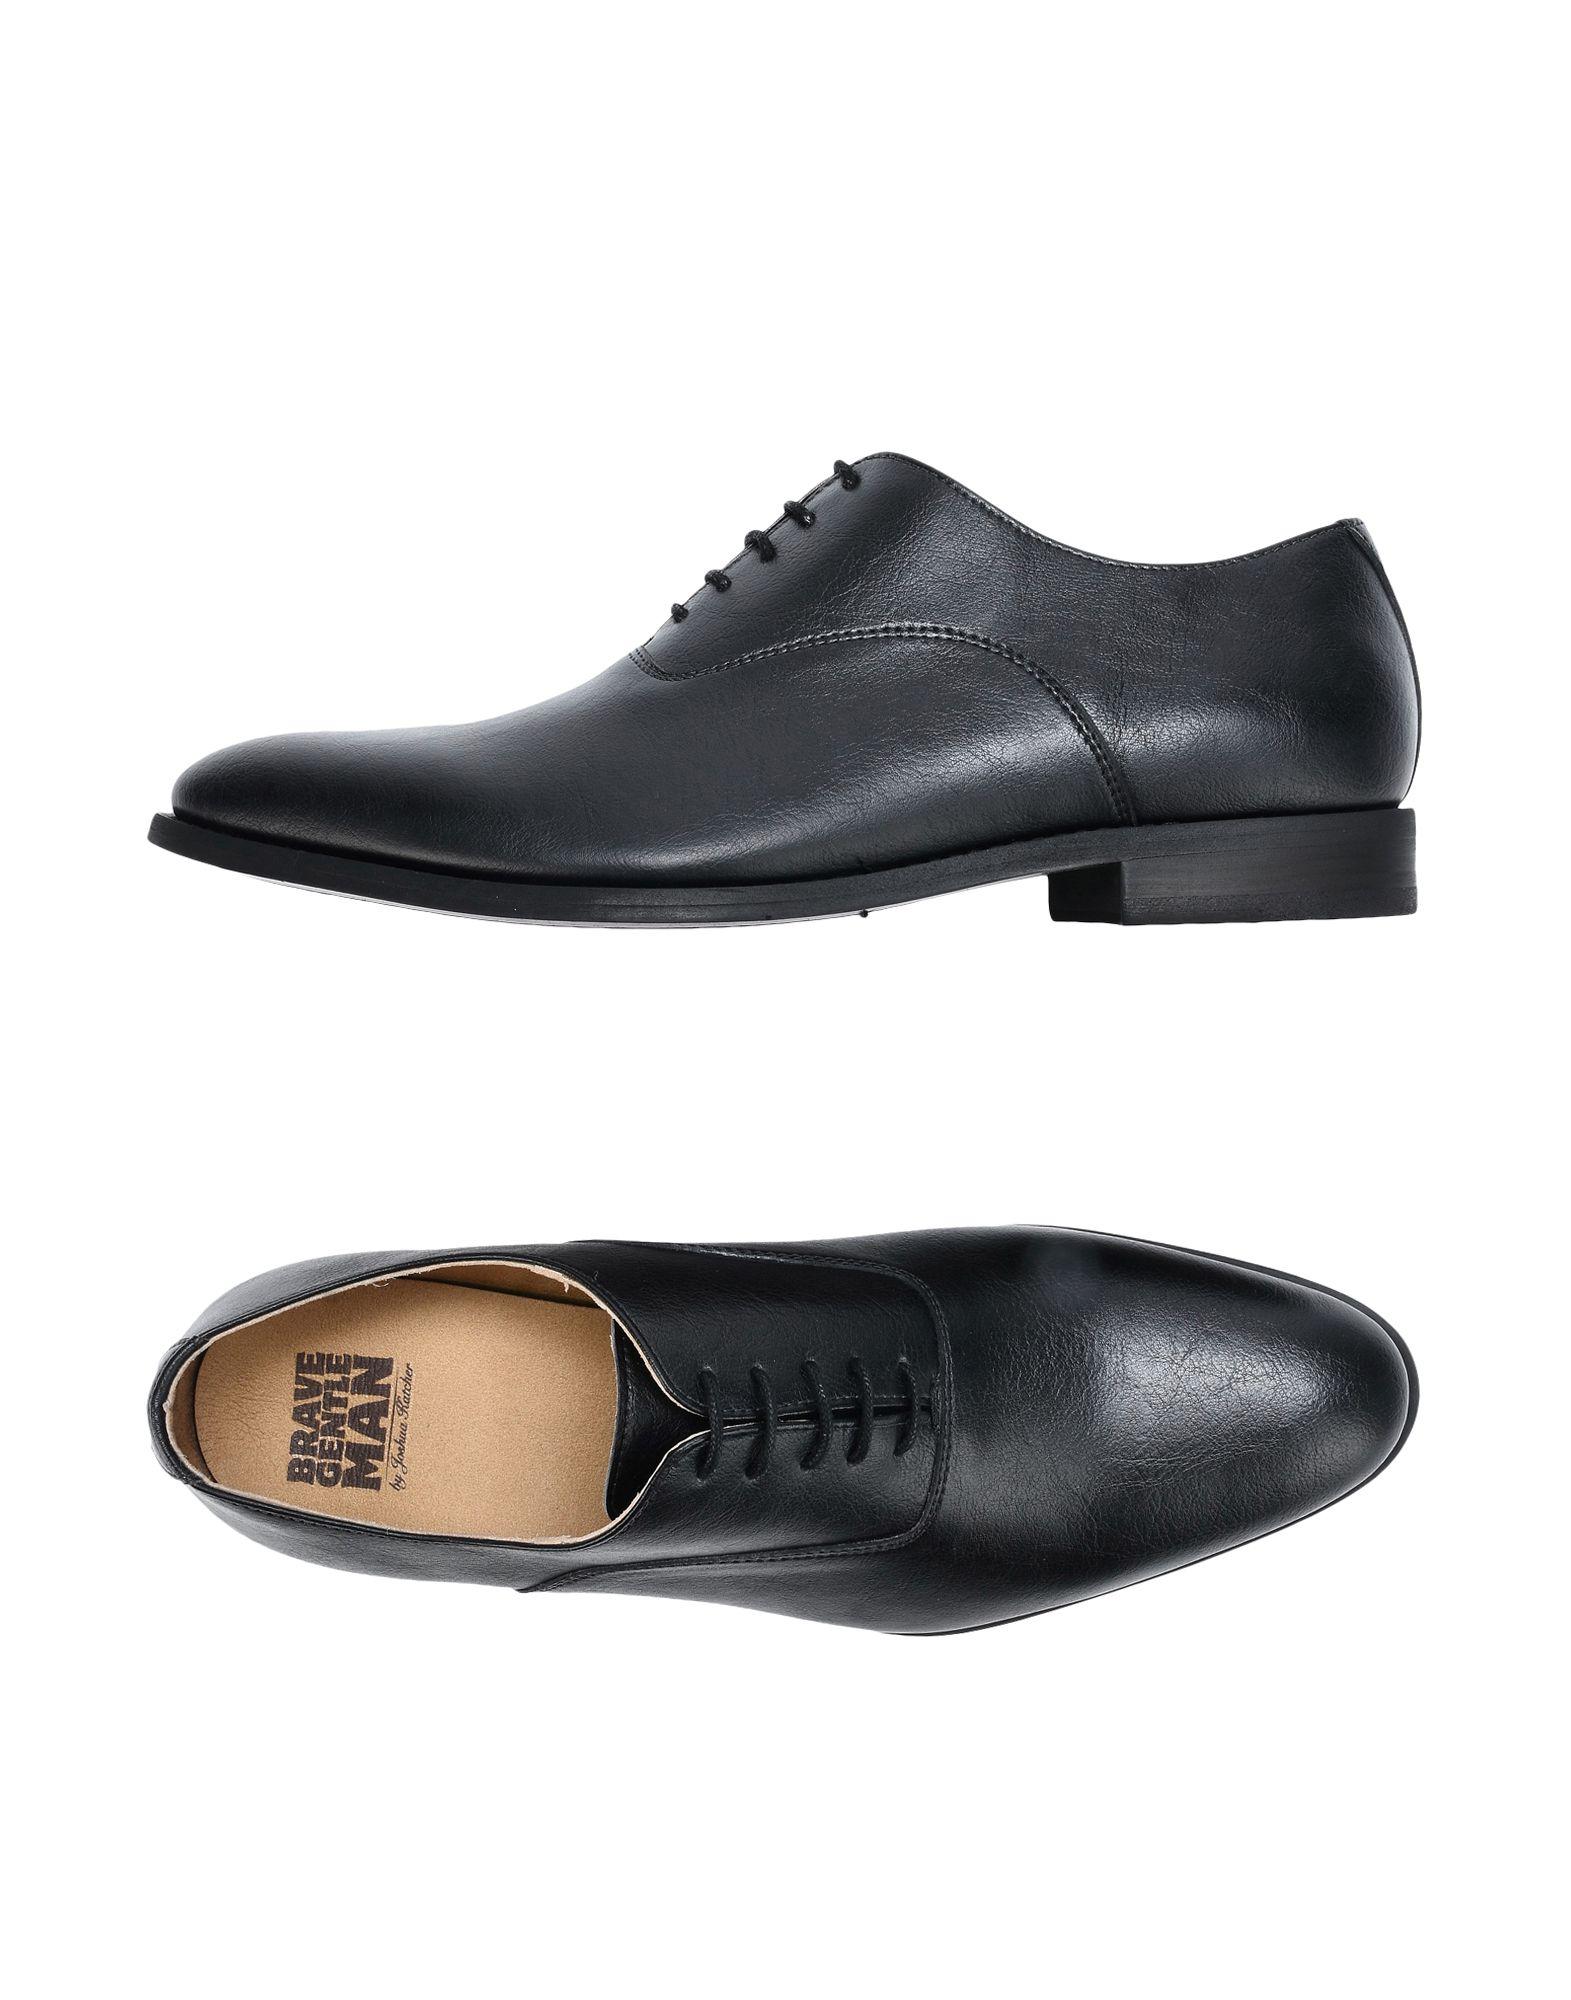 Brave Gentleman Schnürschuhe Herren  11493760PA Gute Qualität beliebte Schuhe